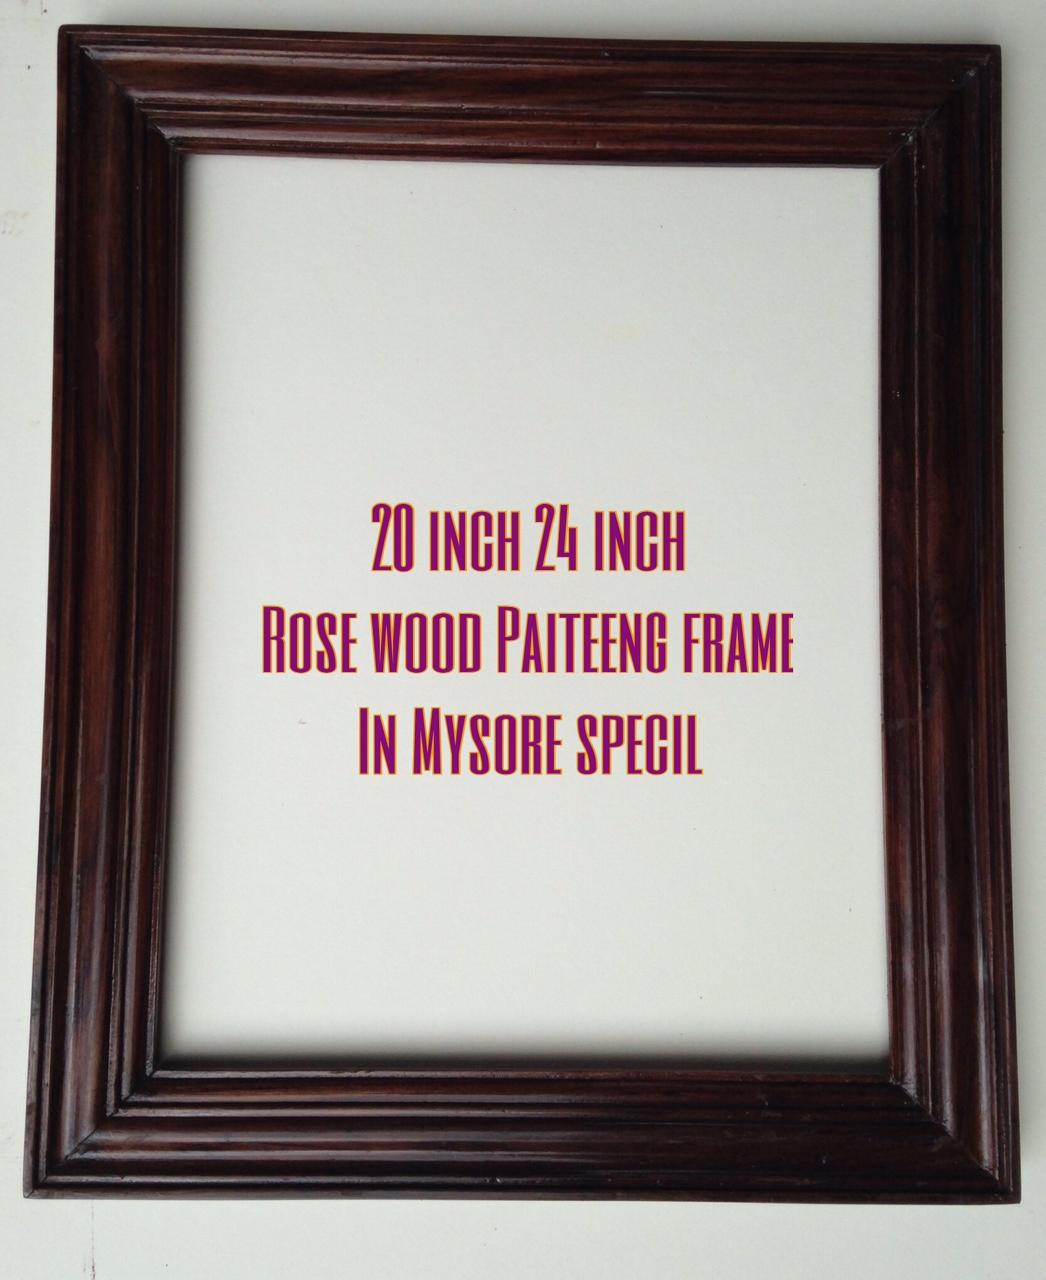 Frames mysore kala 20x24 inch rose wood photo frame jeuxipadfo Choice Image